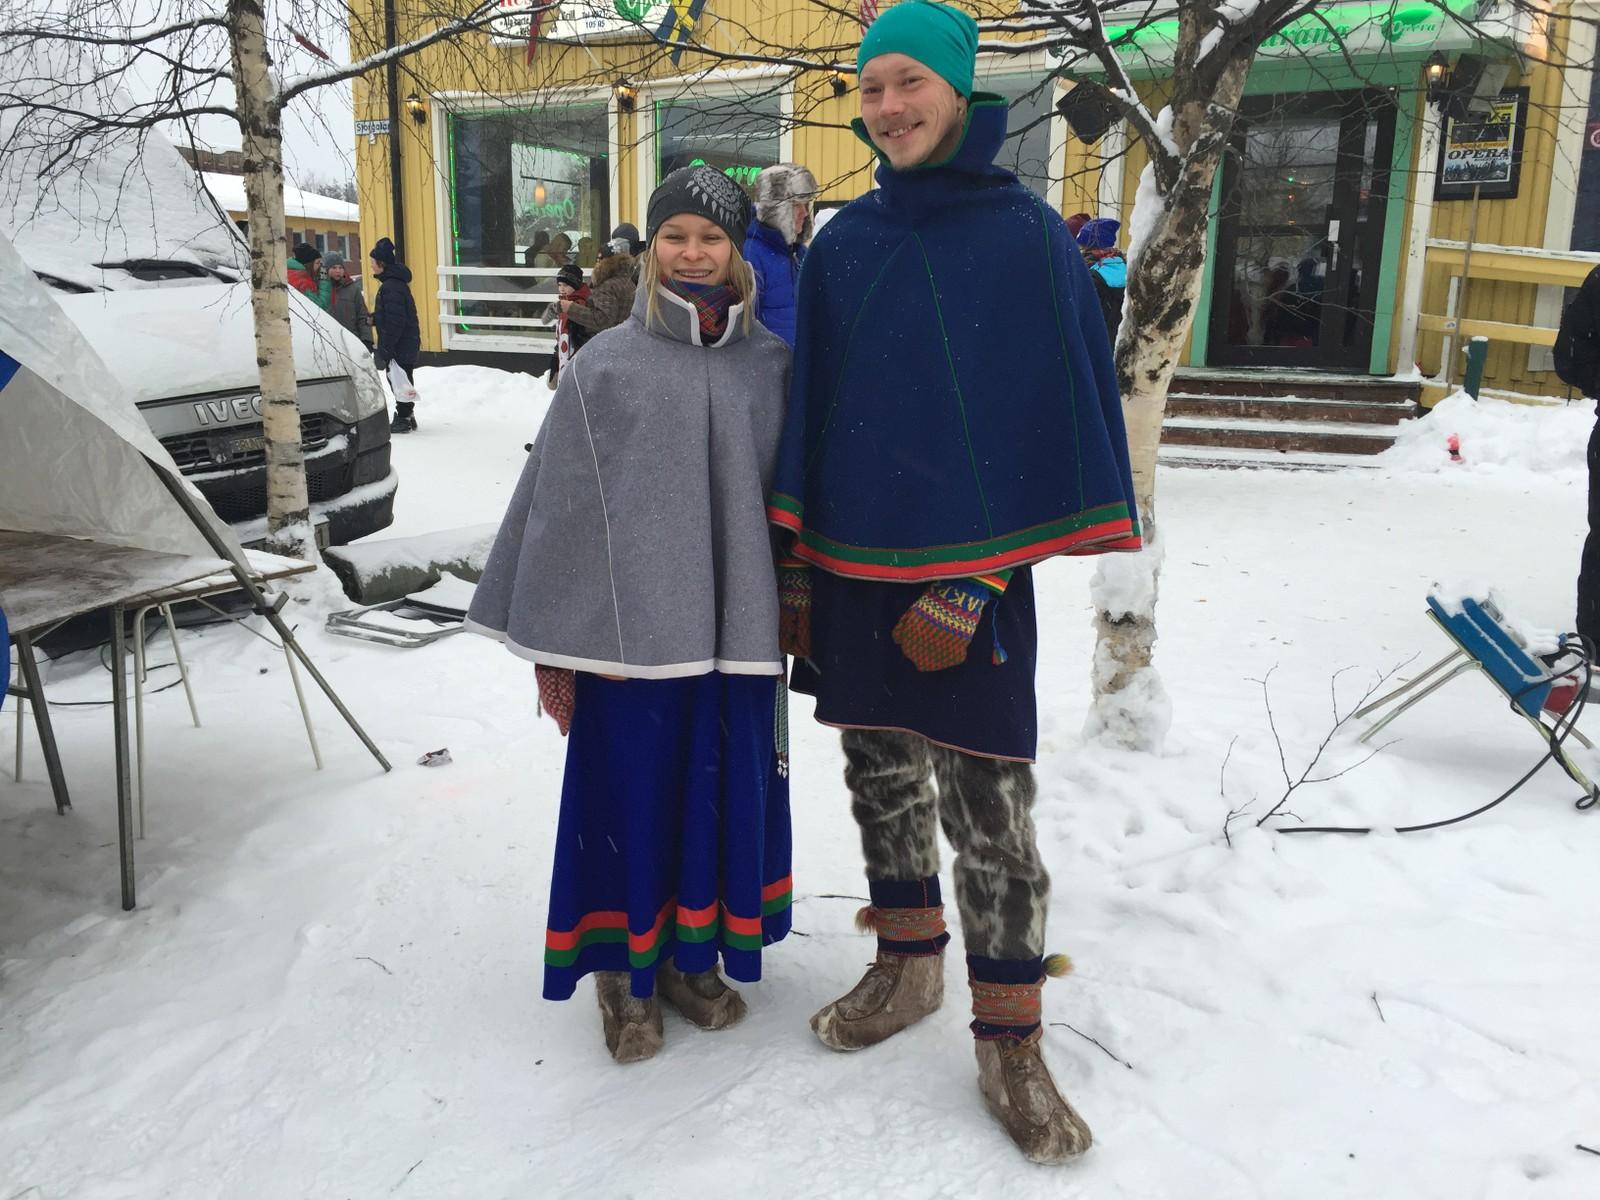 Janni Staffansson fra Idre og Keira Pavval fra Jokkmokk på nasjonaldagen.